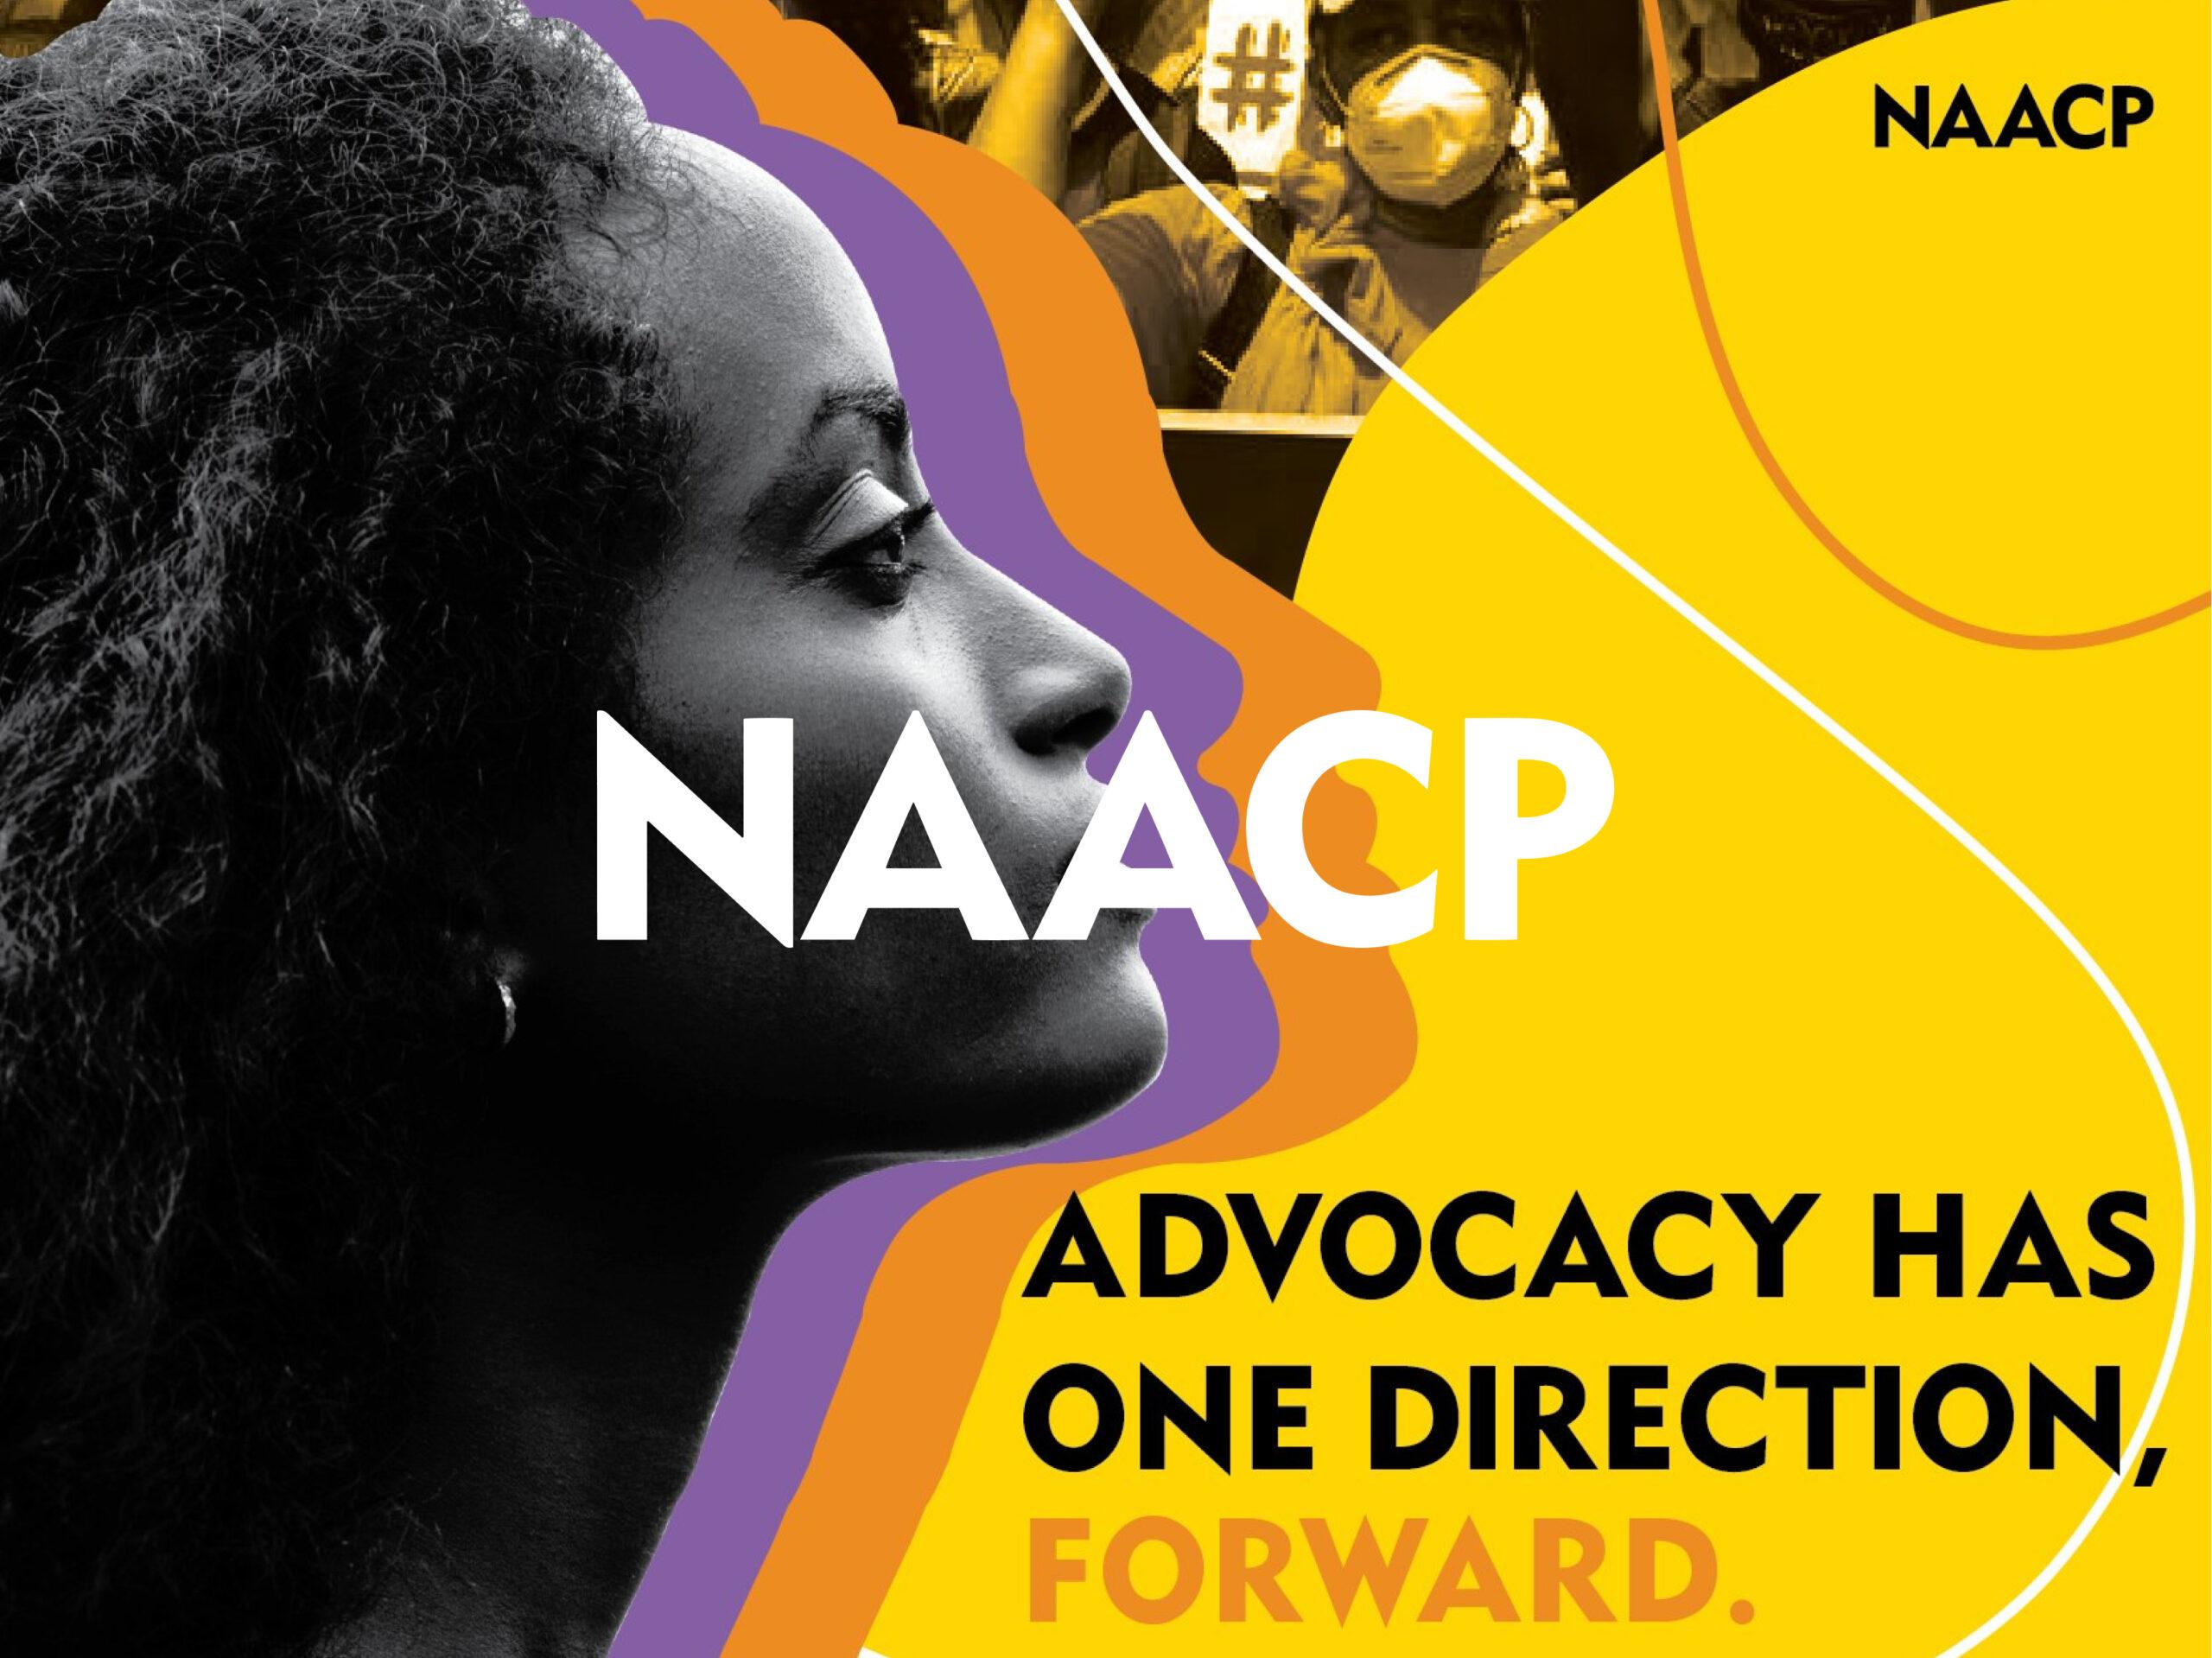 NAACP@2x